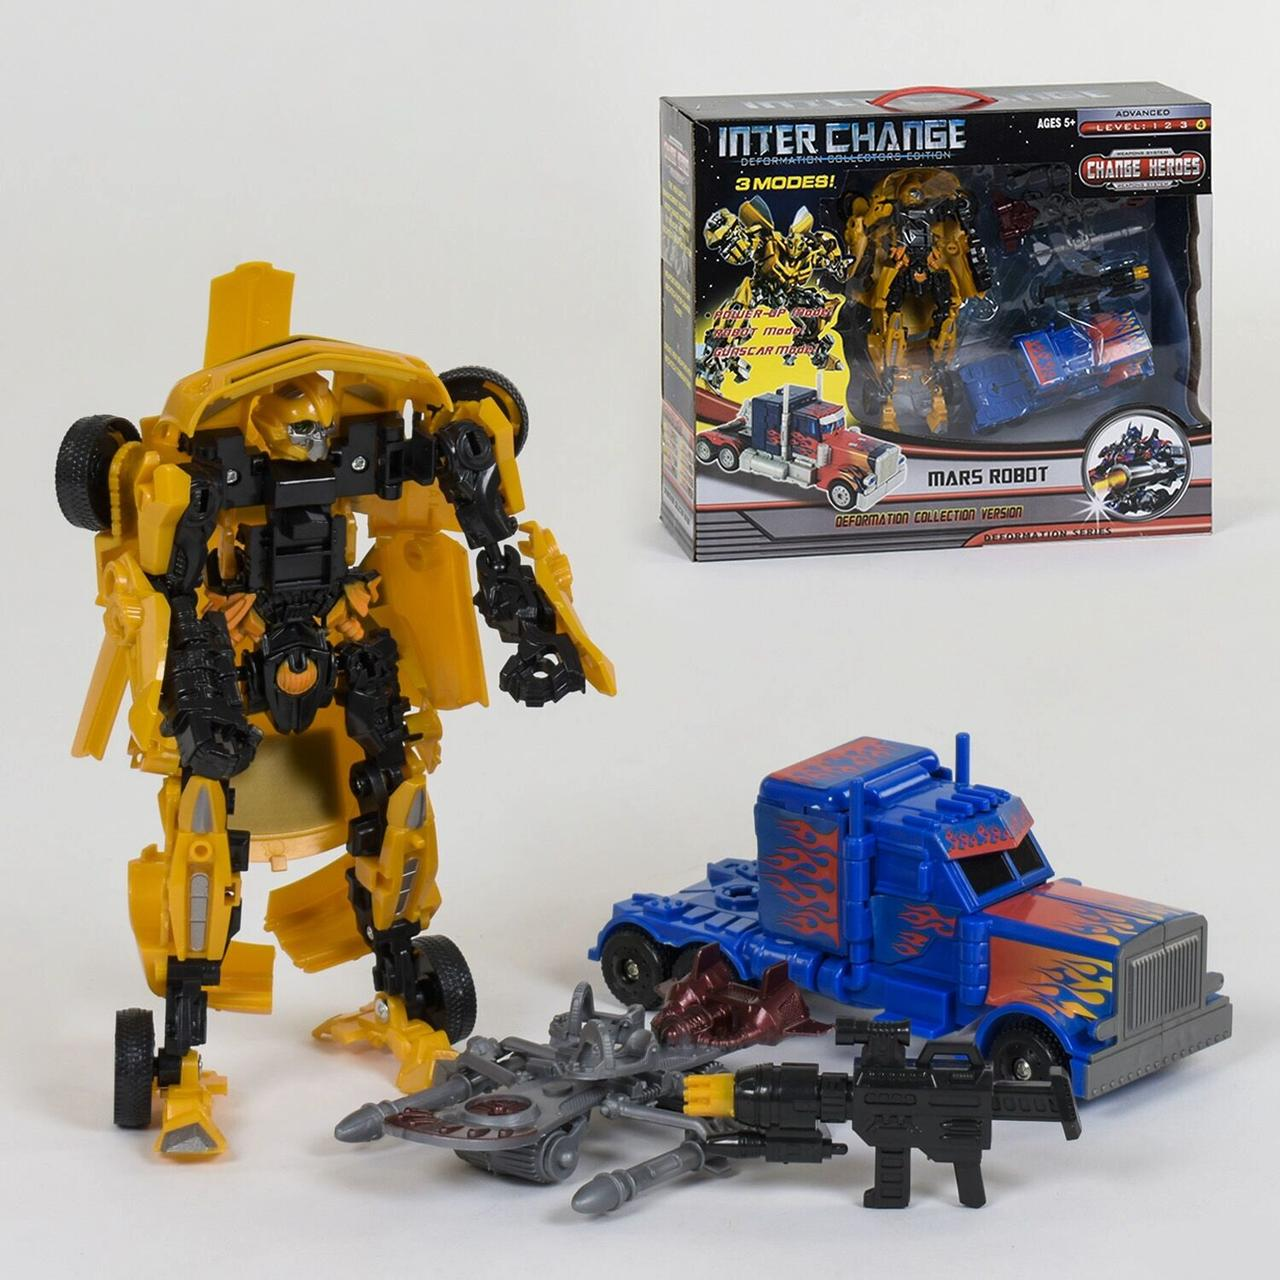 Игровой набор трансформеров 4096 с аксессуарами (2 робота в наборе)